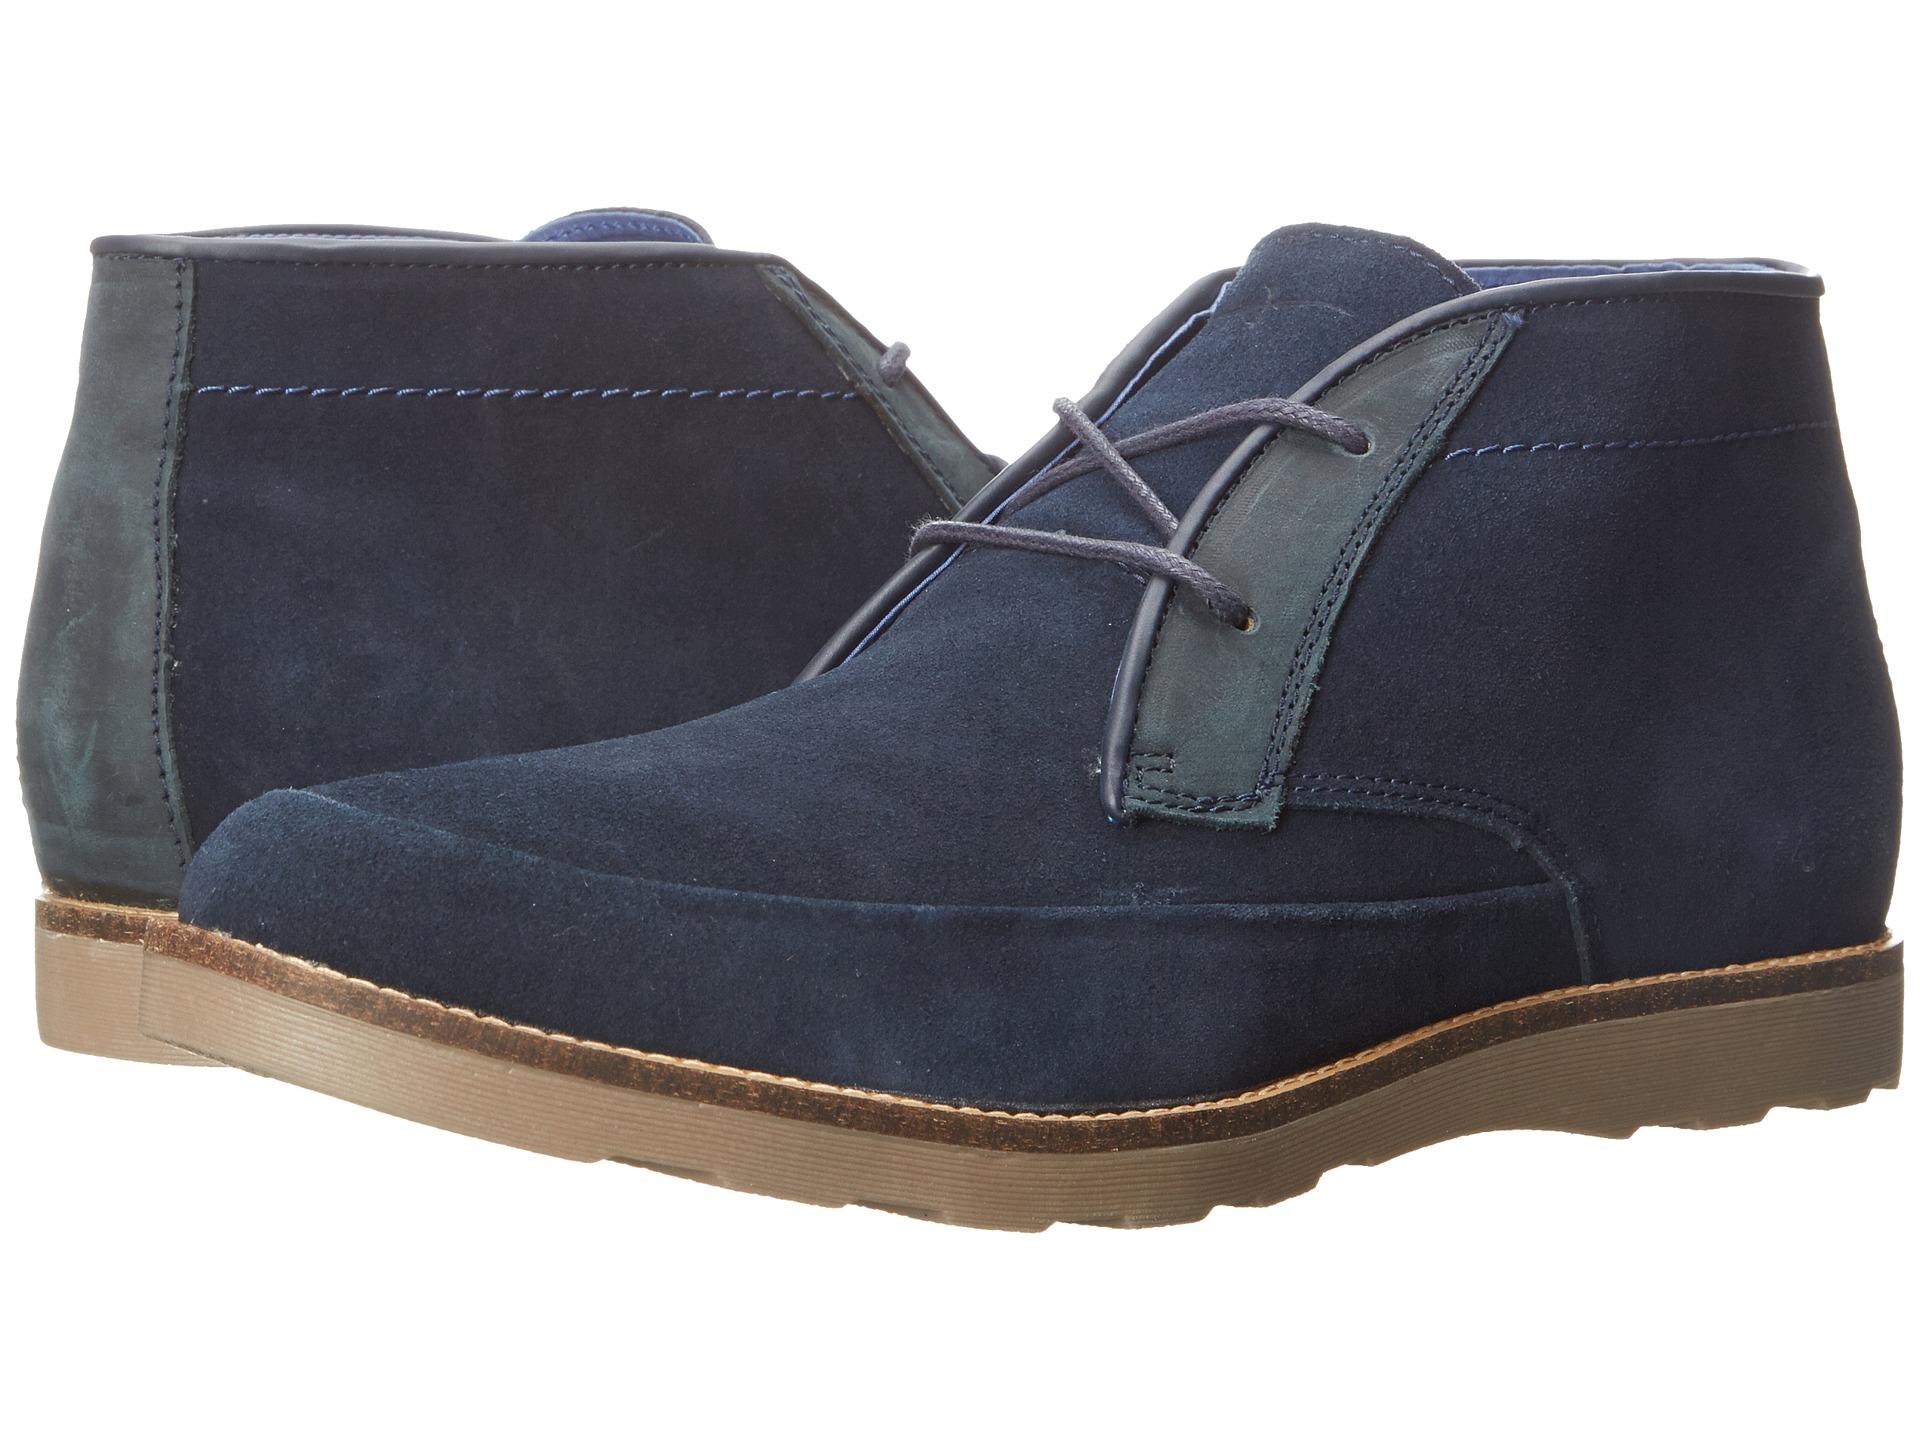 Mark Nason Skechers Leyton Navy, Shoes | Shipped Free at ...